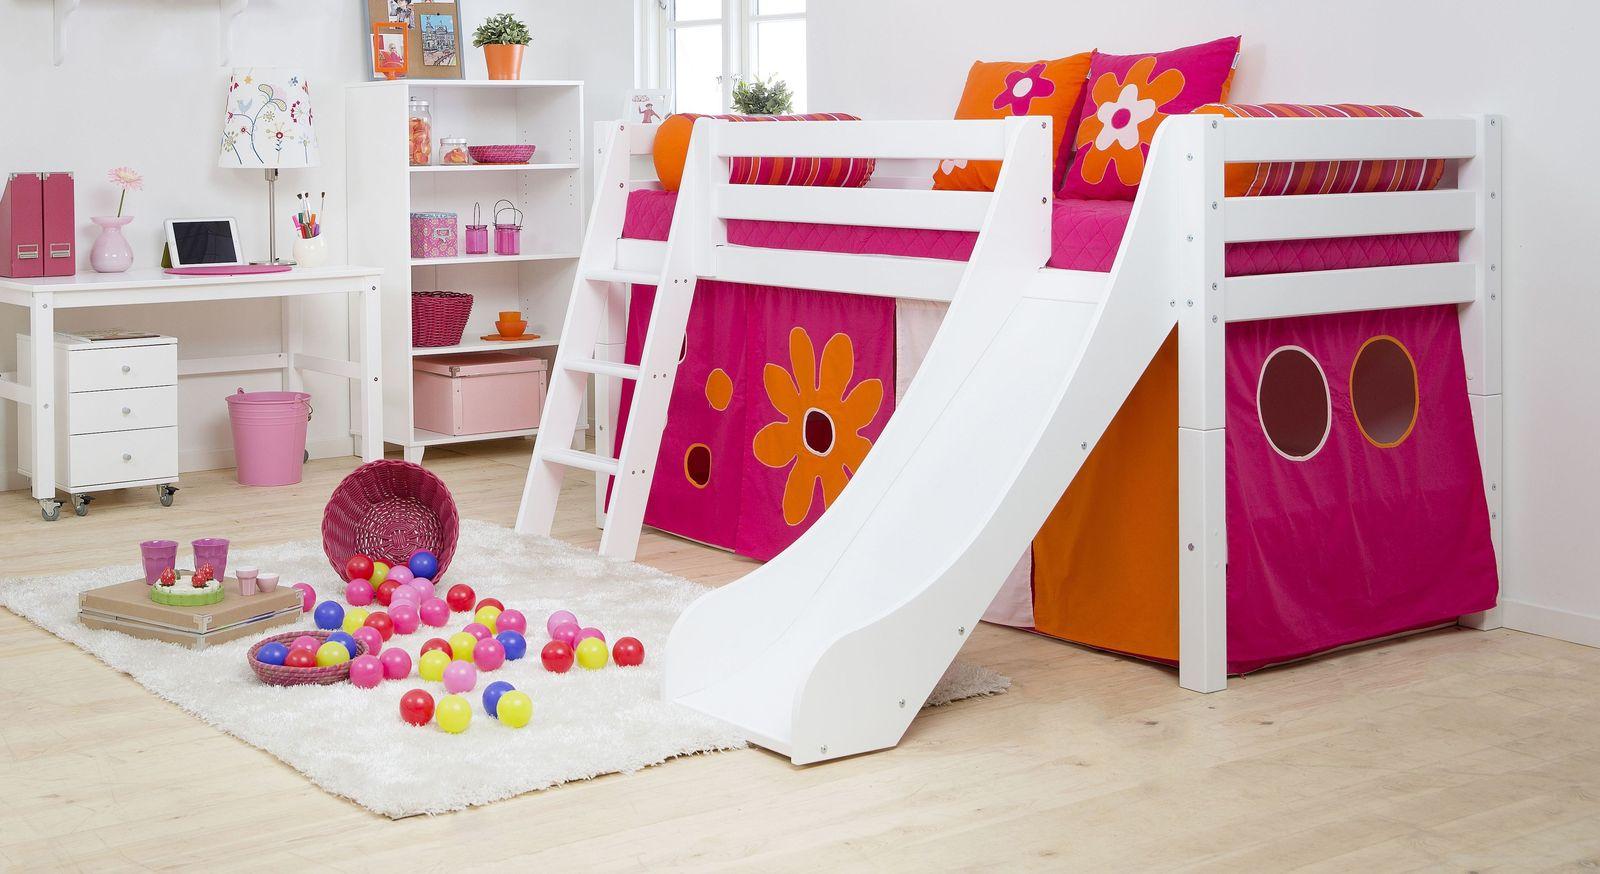 Full Size of Kinderbett Mädchen Hochbett Mit Rutsche Fr Mdchen Kaufen Kids Royality Bett Betten Wohnzimmer Kinderbett Mädchen